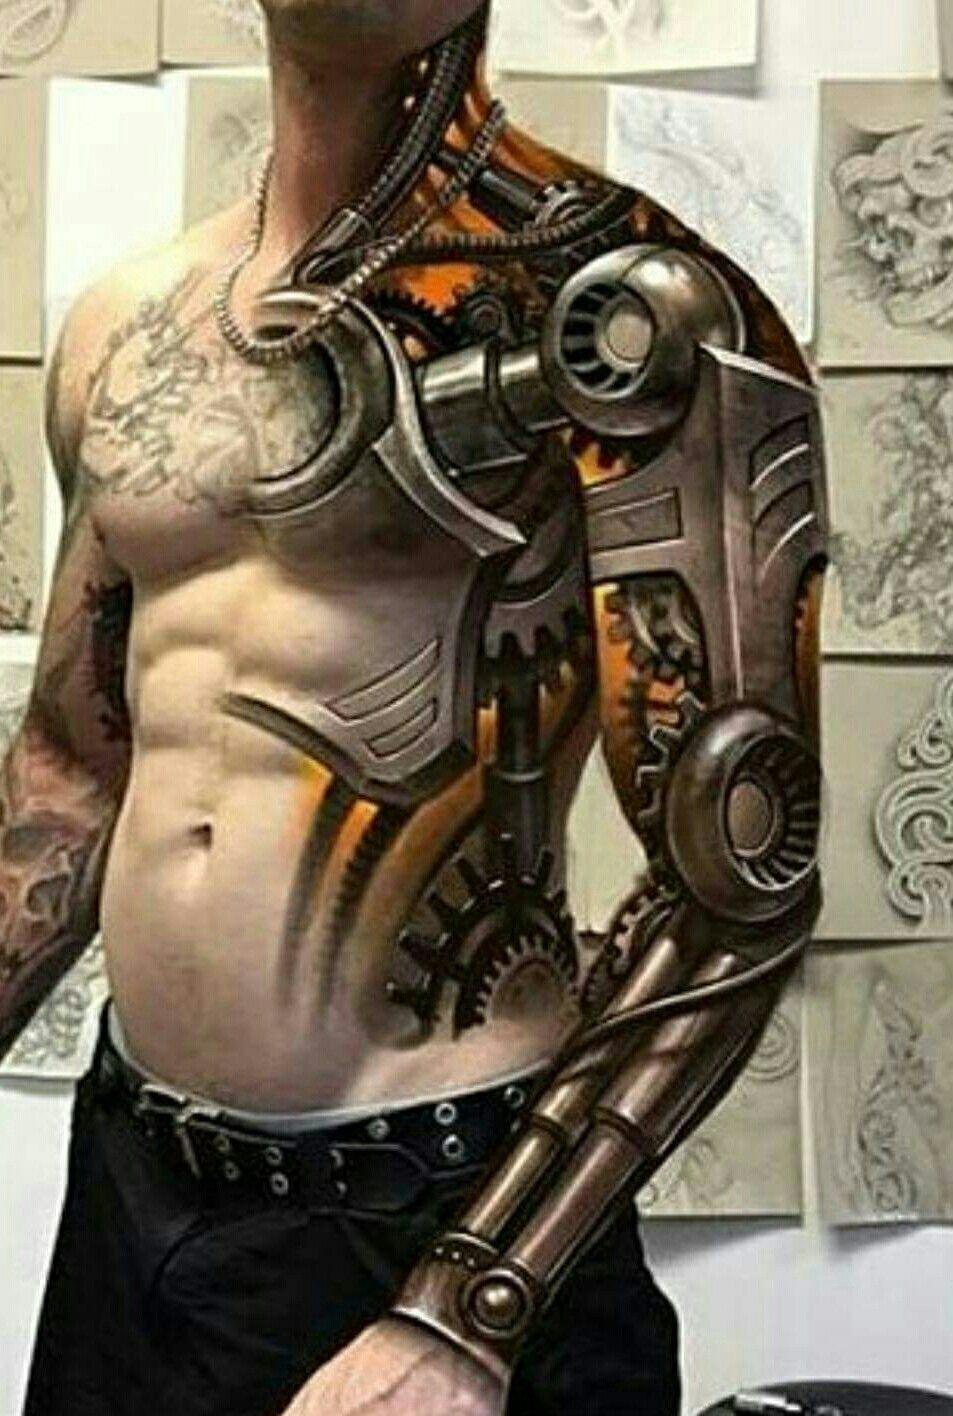 Tattoos Ssg Robot Tattoo Biomechanical Tattoo 3d Tattoos in size 953 X 1416